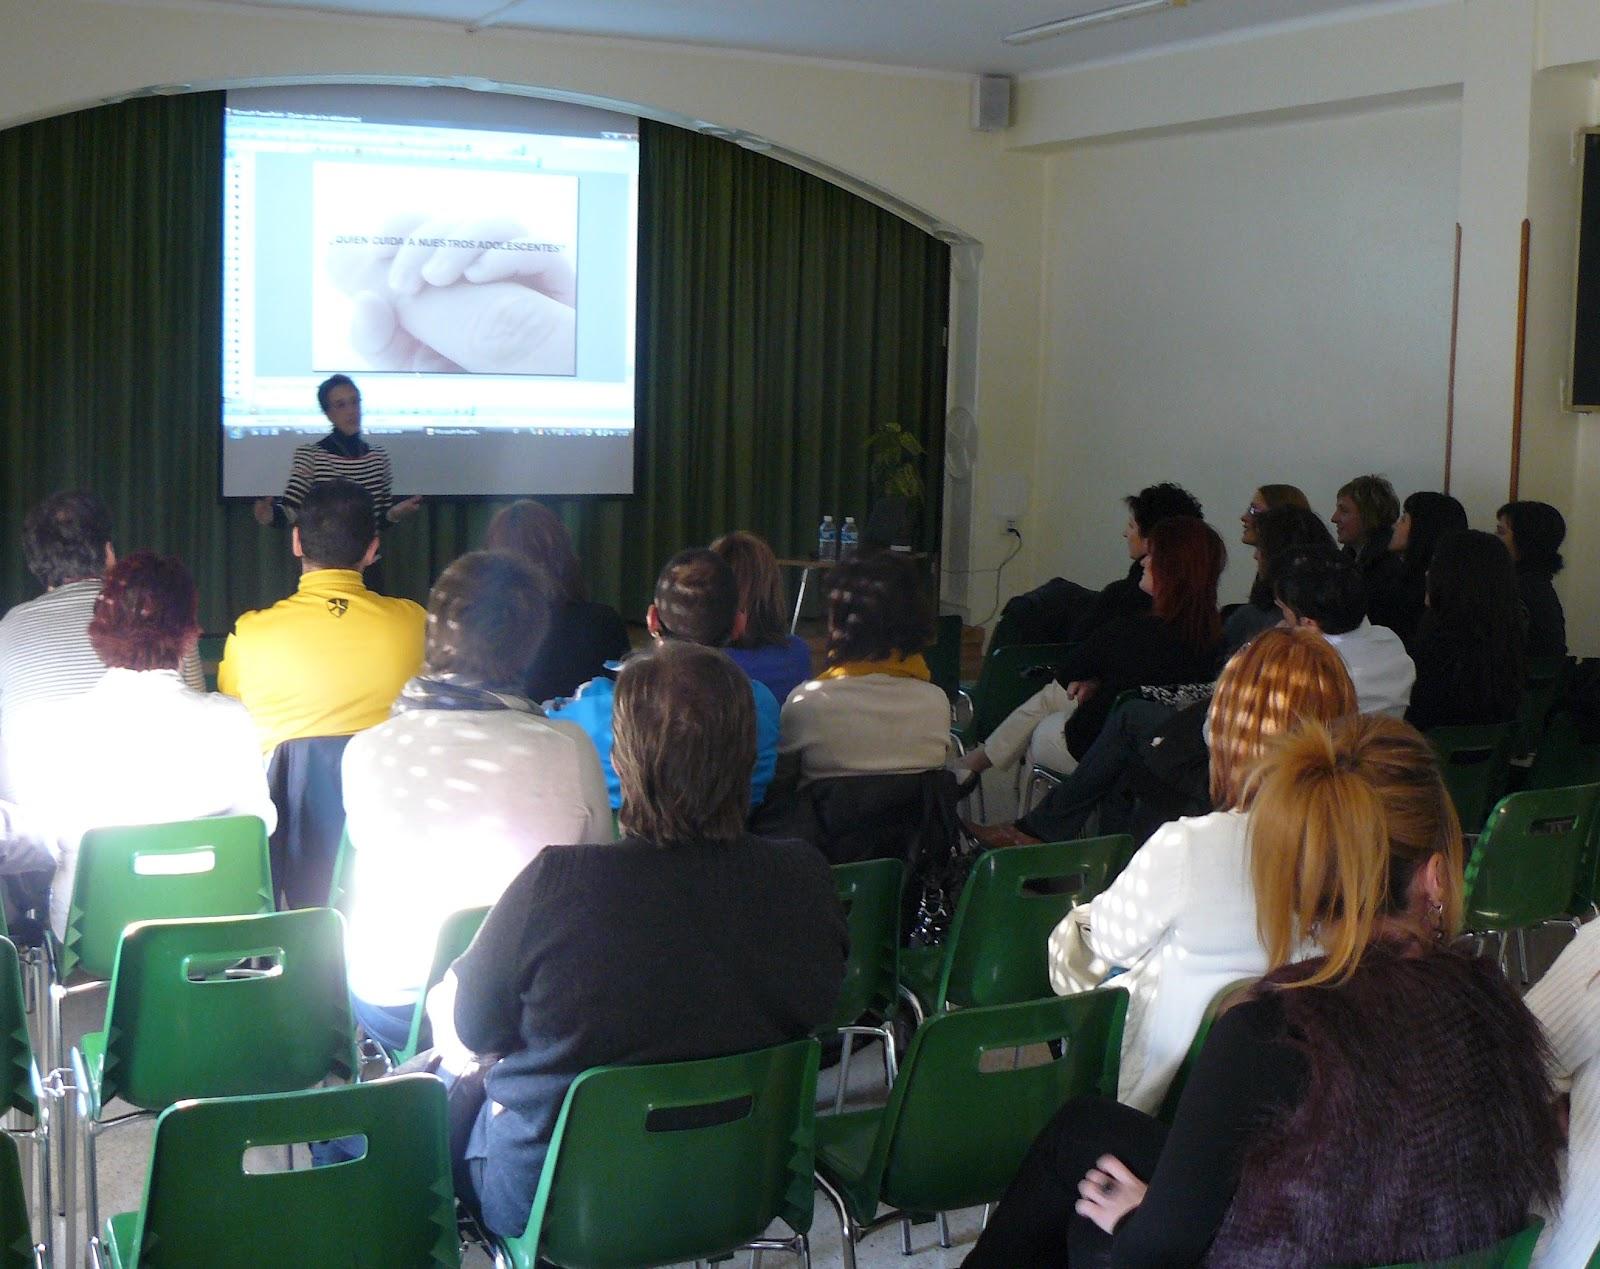 Colegio amor de dios burlada febrero 2012 - Colegio amor de dios oviedo ...